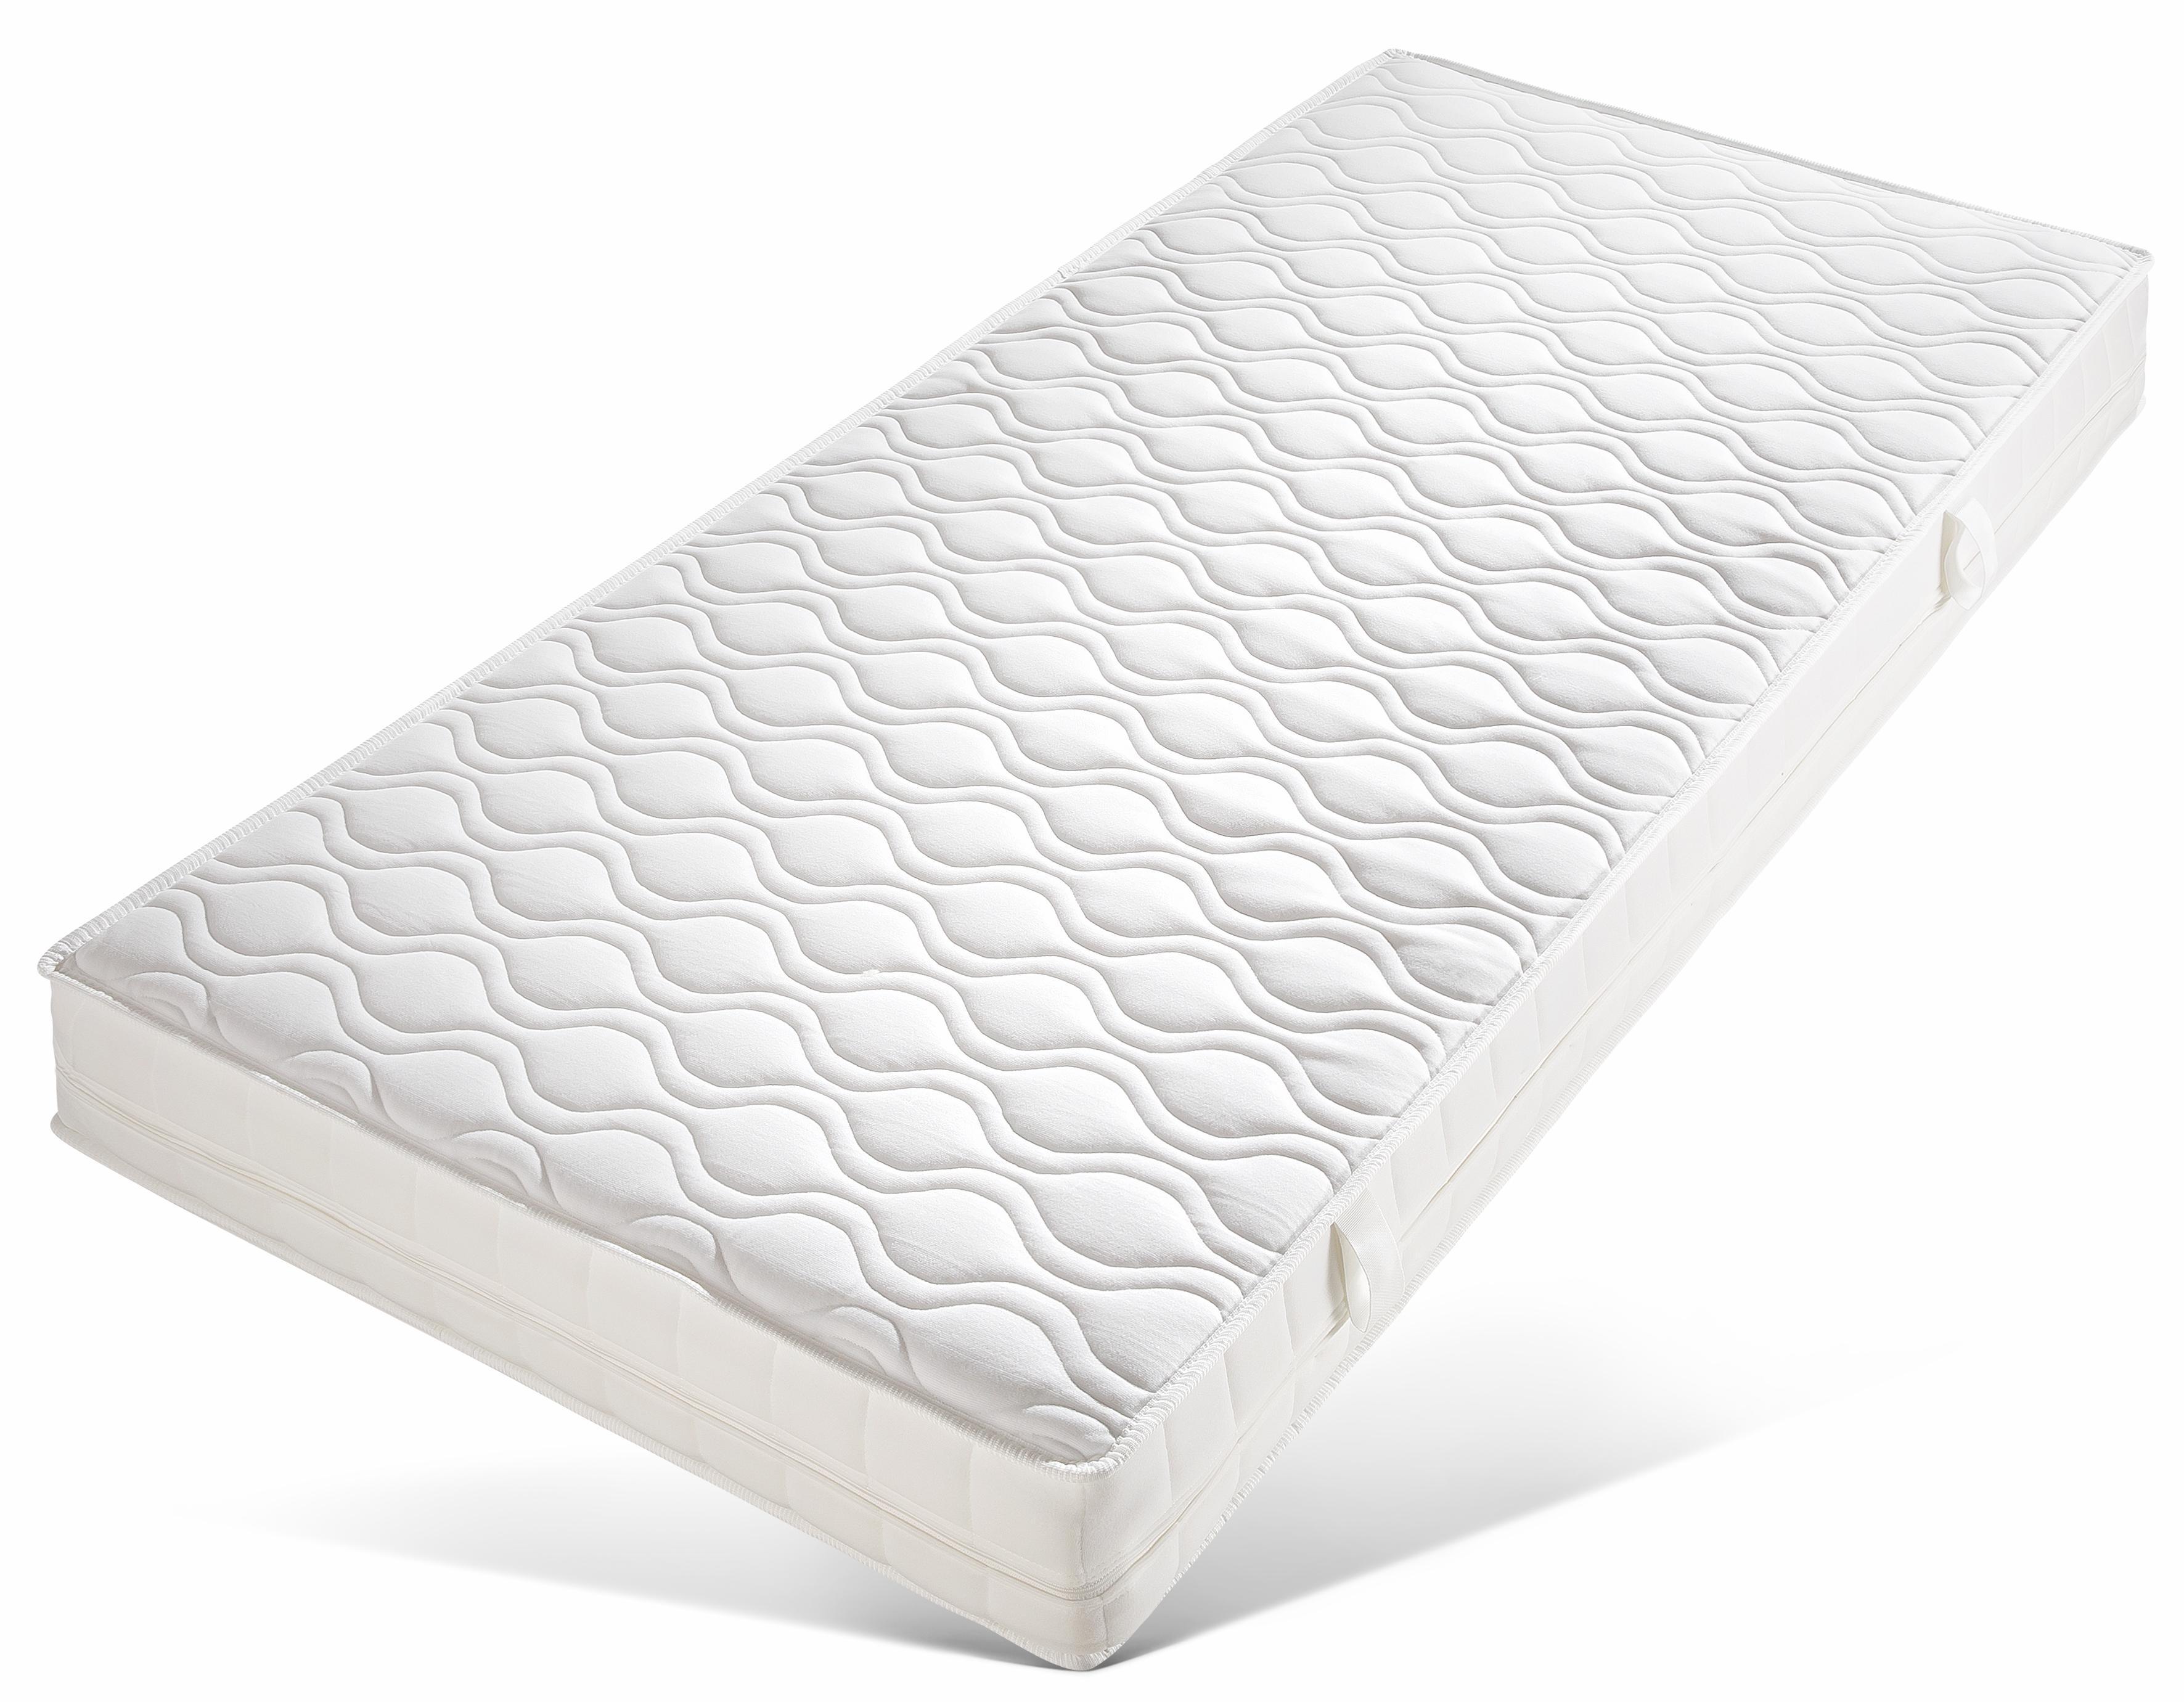 Komfortschaummatratze Airy Form 23 DI QUATTRO 23 cm hoch